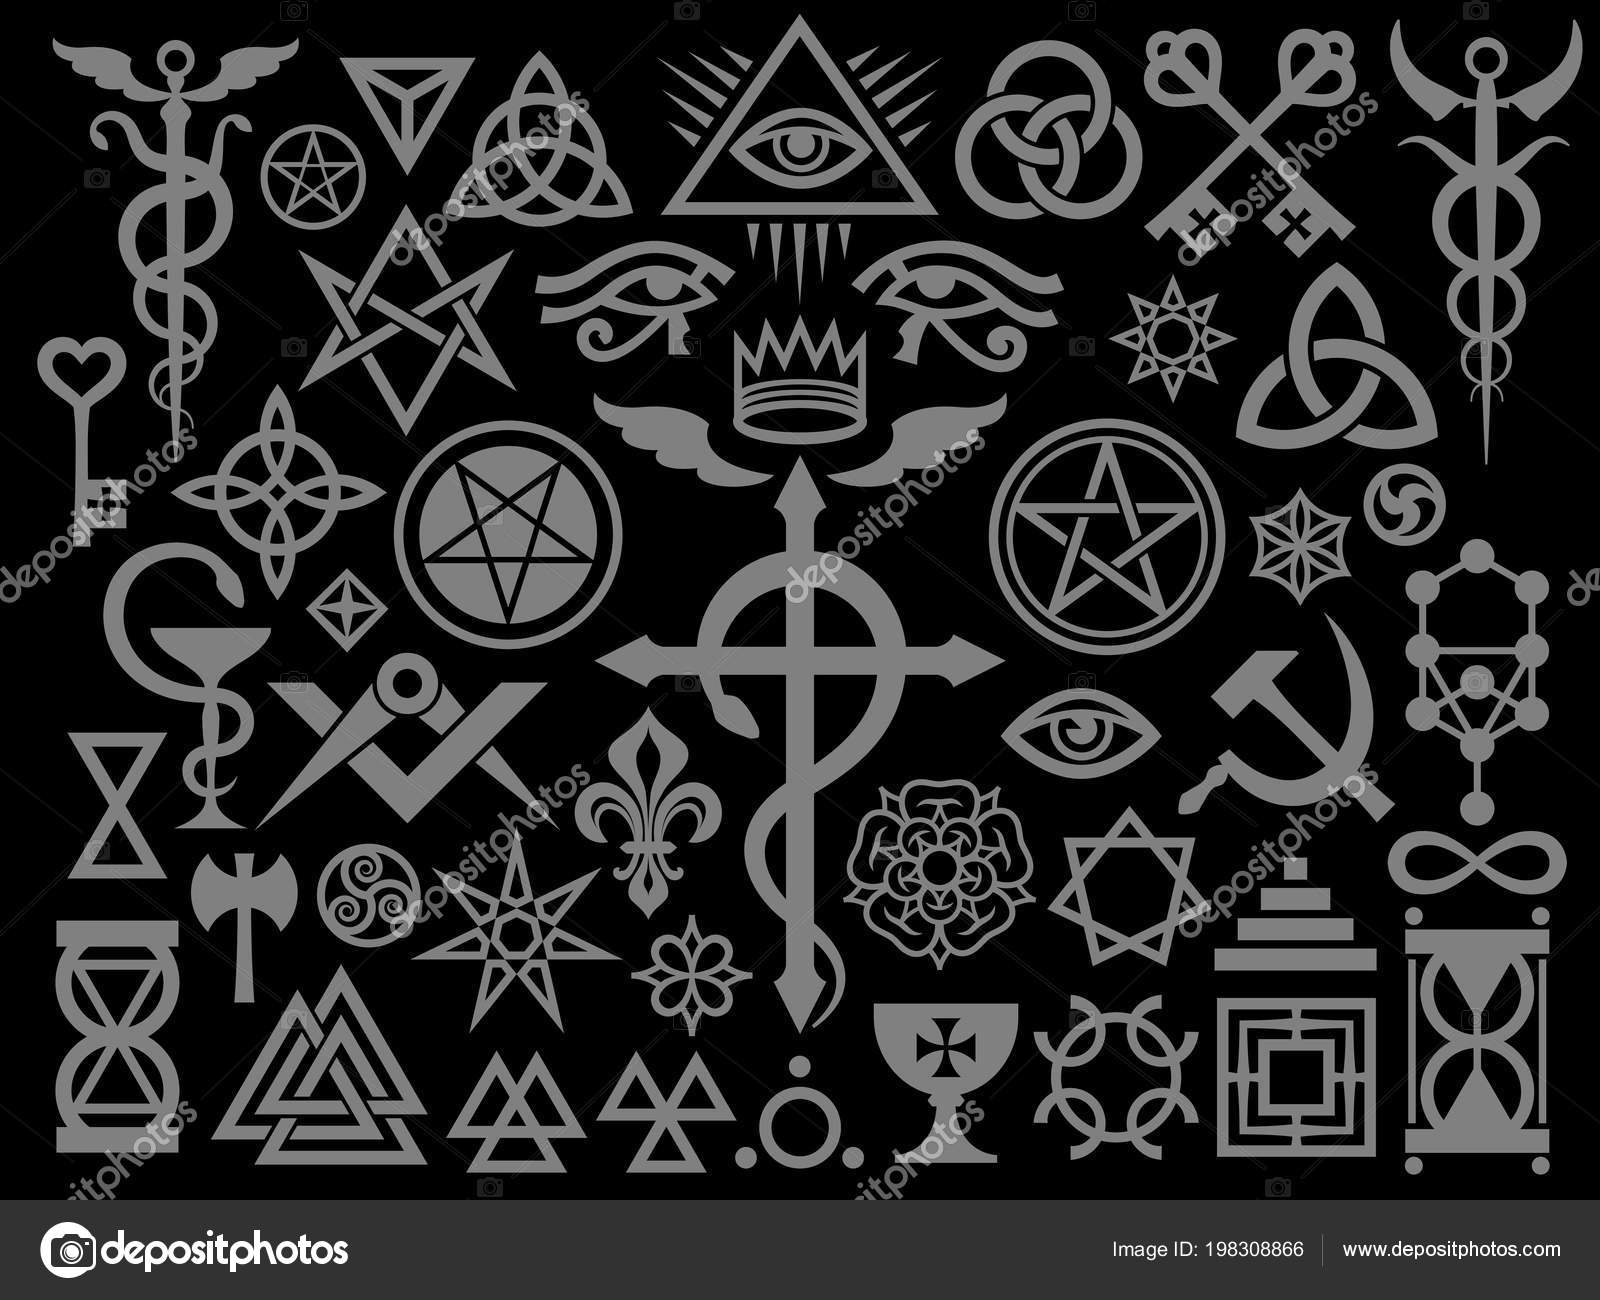 Medieval sigils | Medieval Occult Signs Magic Stamps Sigils